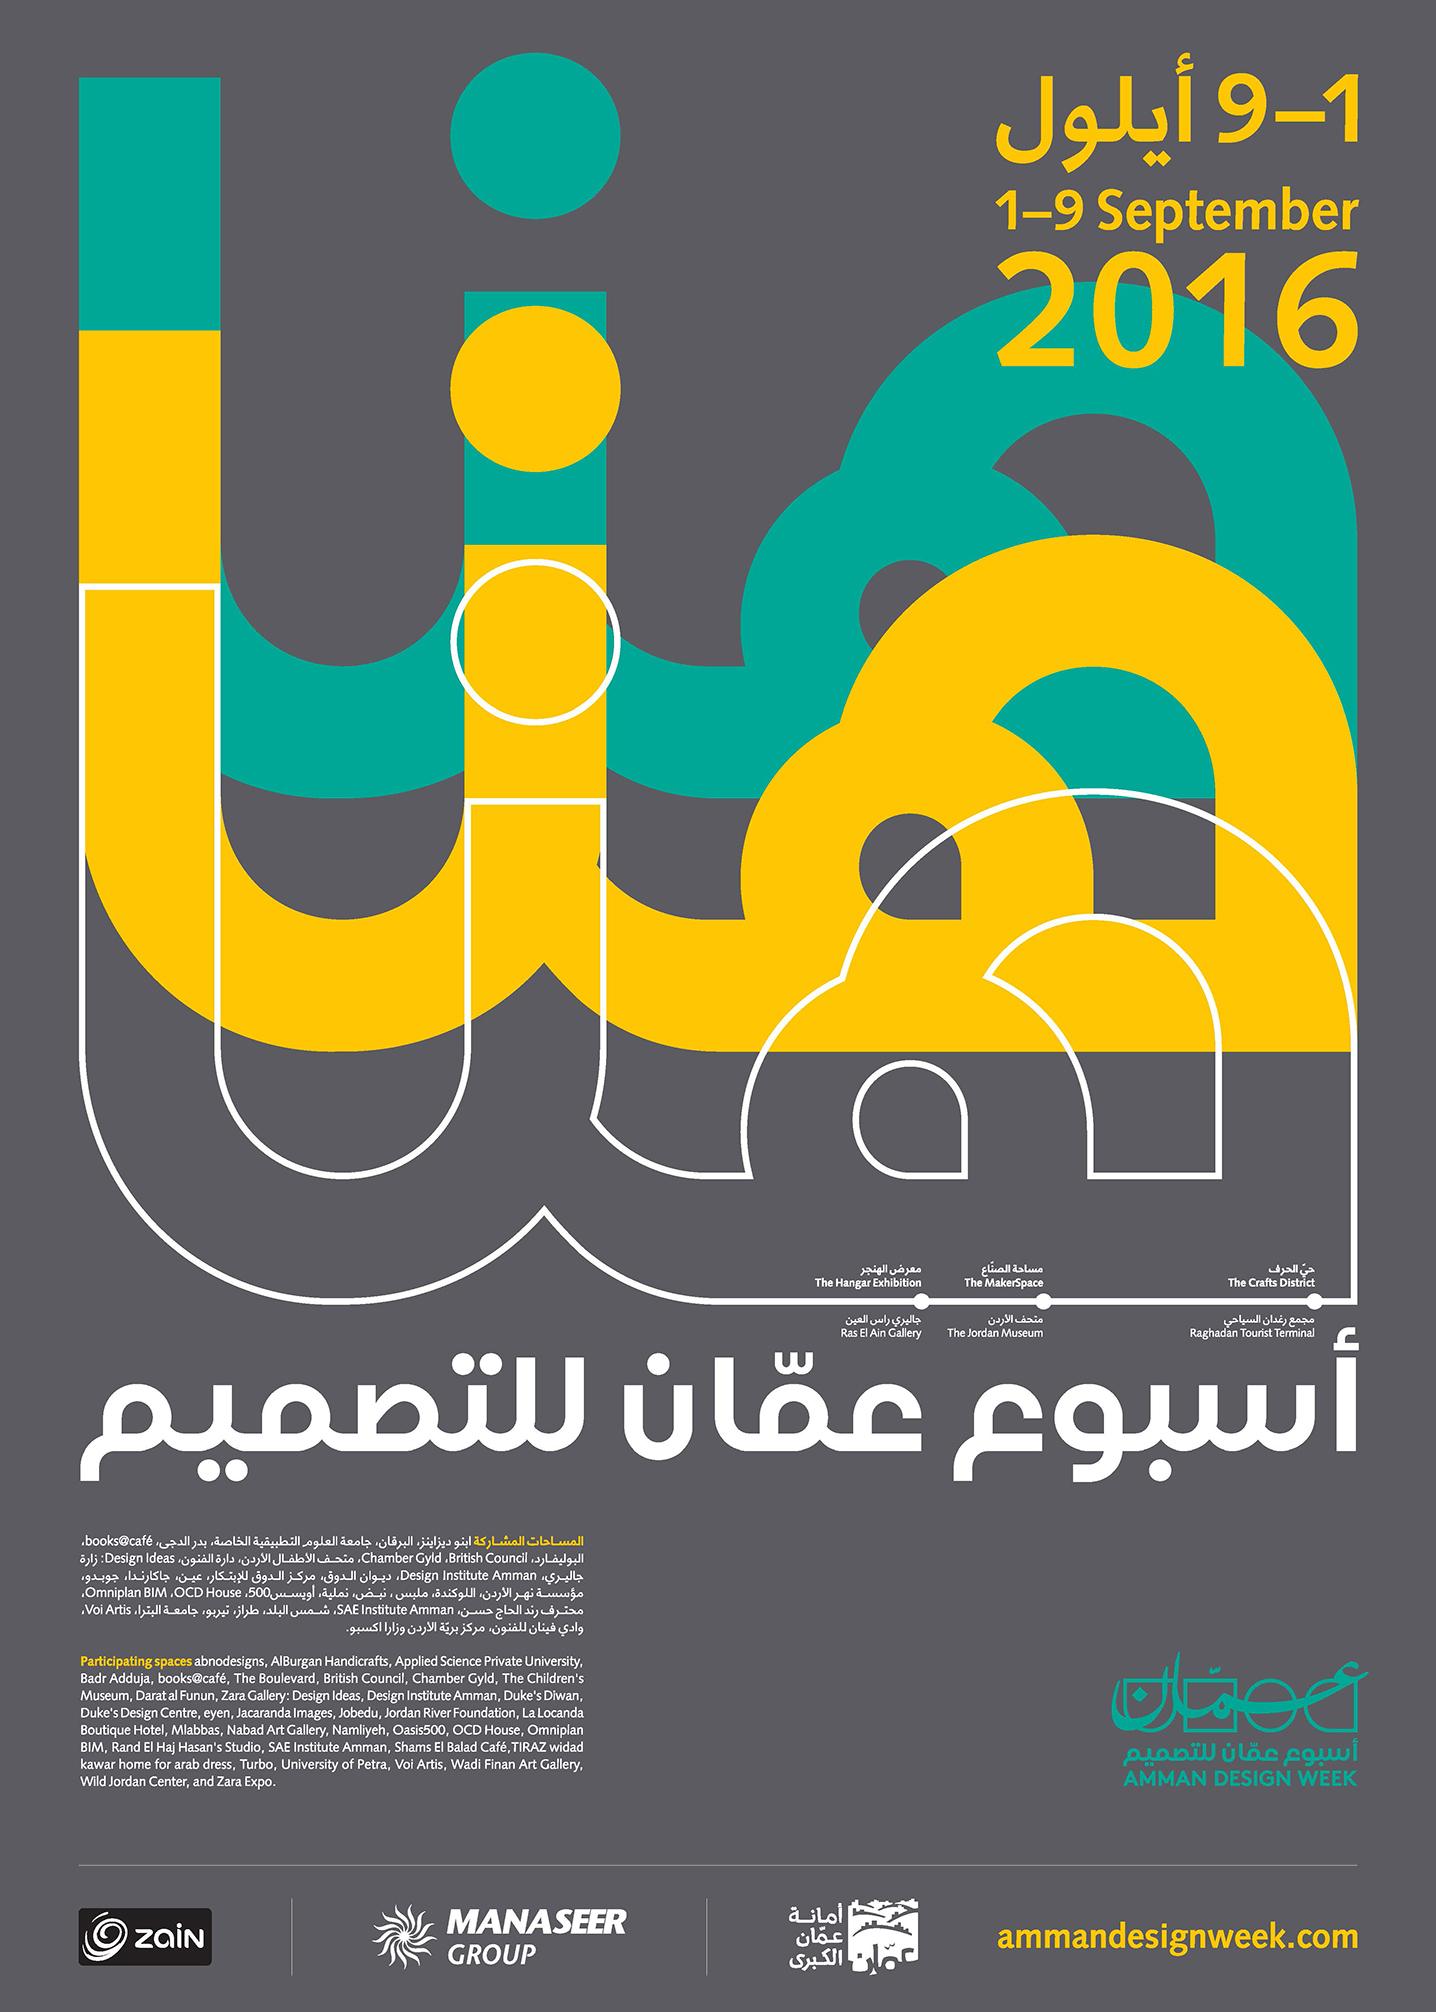 Amman Design Week 2016 Main Poster